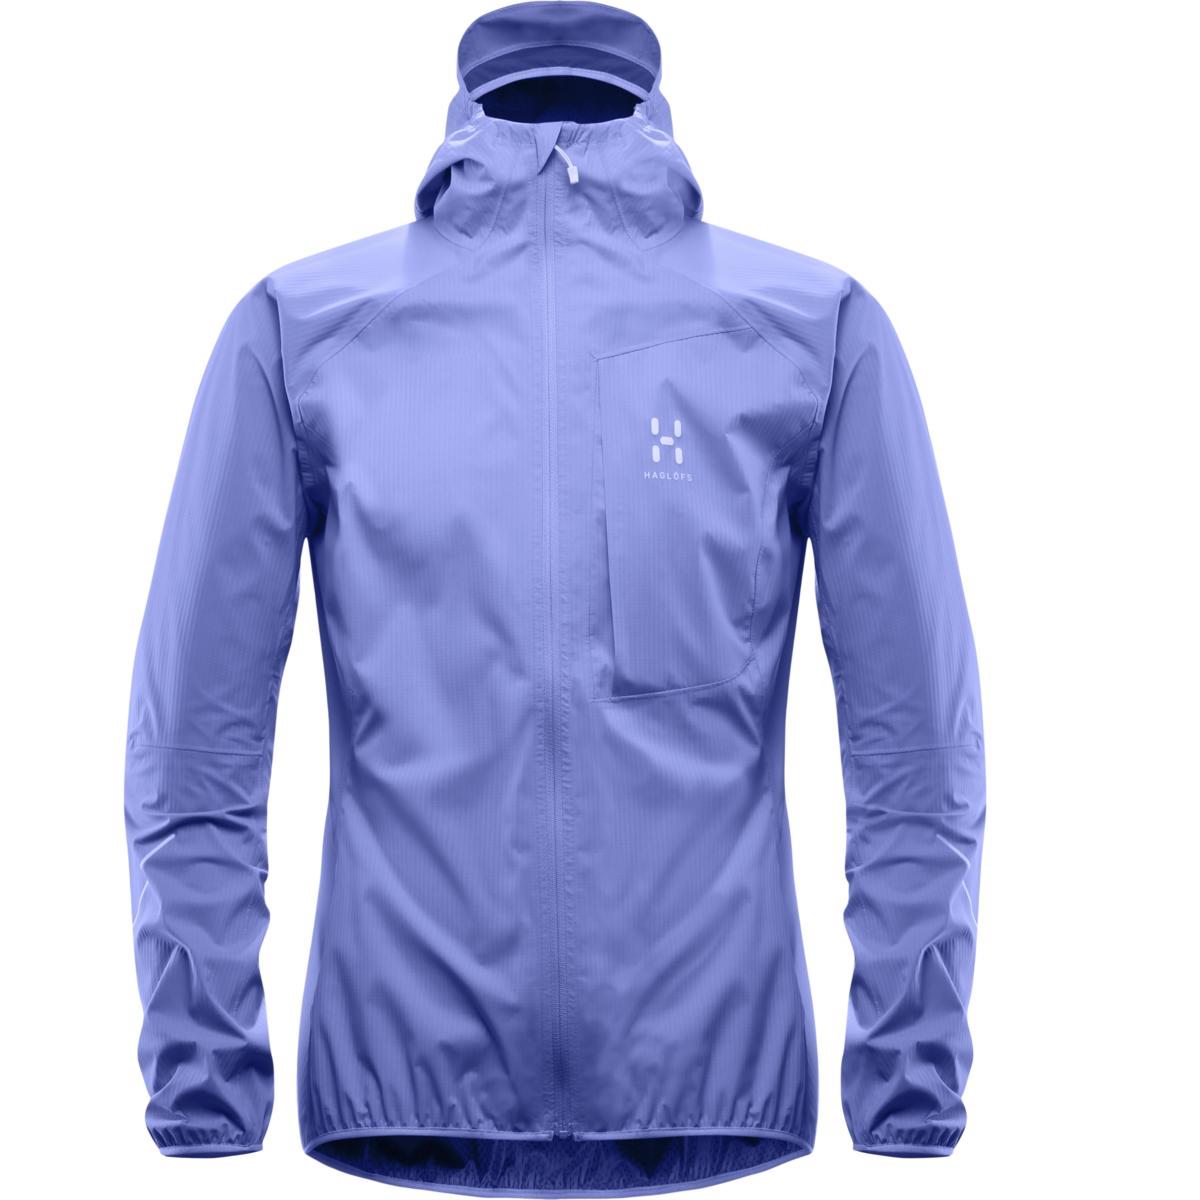 Haglöfs naisten takki Lim Proof Jacket - Naisten takit ja puvut -  73188410306 - 1 93cda8f240